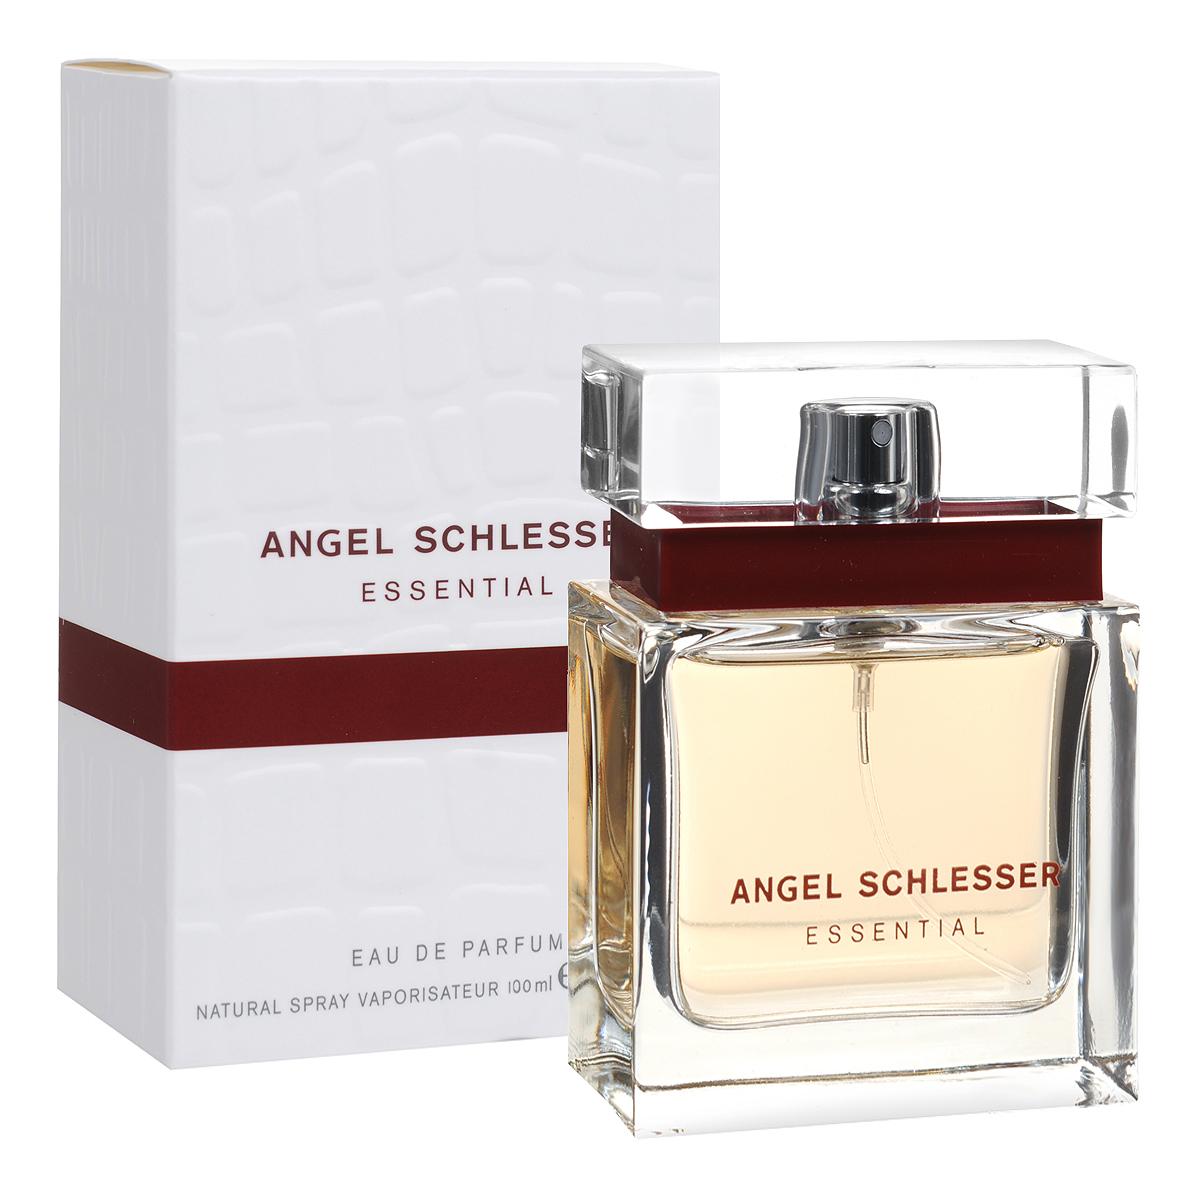 Angel Schlesser Парфюмерная вода Essential, женская, 100 мл25732Женский аромат Angel Schlesser Essential создан для современной, уверенной в себе женщины, которая следит за новыми тенденциями в мире моды и парфюмерии. Он посвящен элегантной, соблазнительной и неповторимой женщине. Она обладает яркой маняще-откровенной красотой, но в то же время скрывает в себе неразрешимую притягательную тайну. Эта тайна делает ее особенной, непохожей на других, наполняя сосуд ее красоты бесконечным и драгоценным содержанием. Классификация аромата : цветочно-фруктовый. Пирамида аромата : Верхние ноты: бергамот, красная смородина, свежесть фруктов. Ноты сердца: болгарская роза, пион, фрезия, фиалка.. Ноты шлейфа: мускус, ветивер, сандал. Ключевые слова нежный, свежий! Самый популярный вид парфюмерной продукции на сегодняшний день - парфюмерная вода. Это объясняется оптимальным балансом цены и качества - с одной стороны, достаточно высокая...